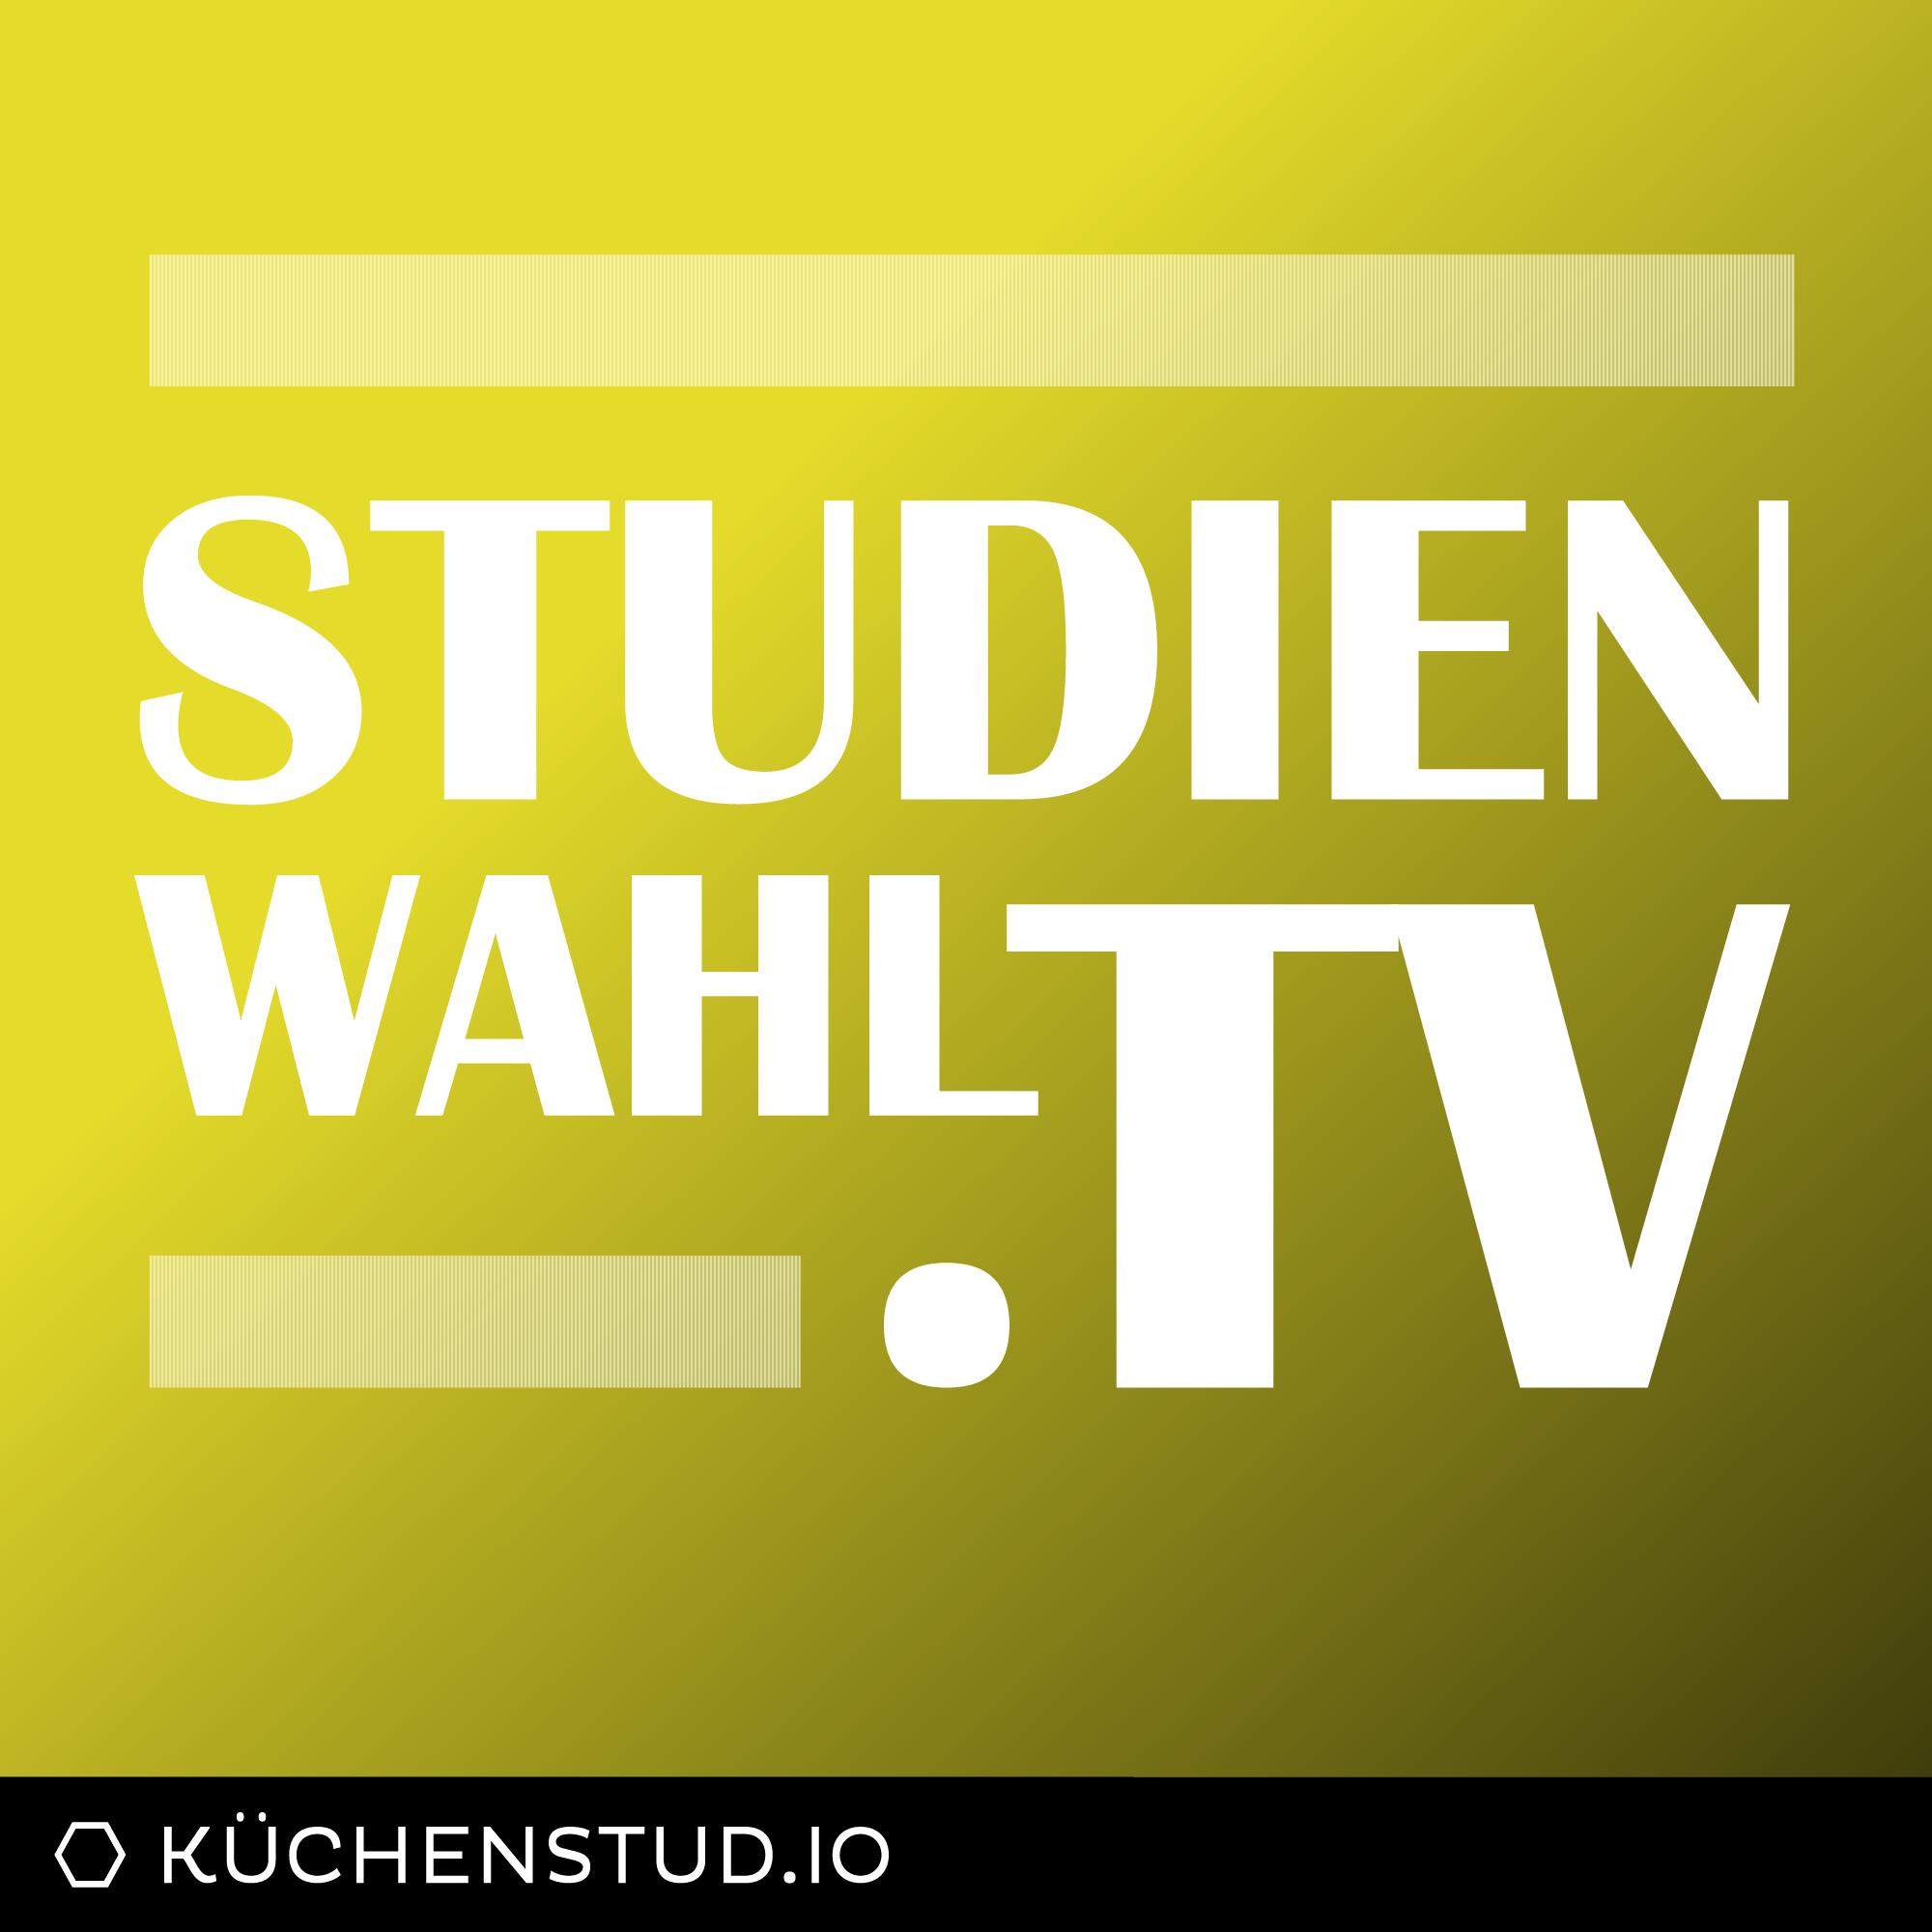 Studienwahl.tv (Video)